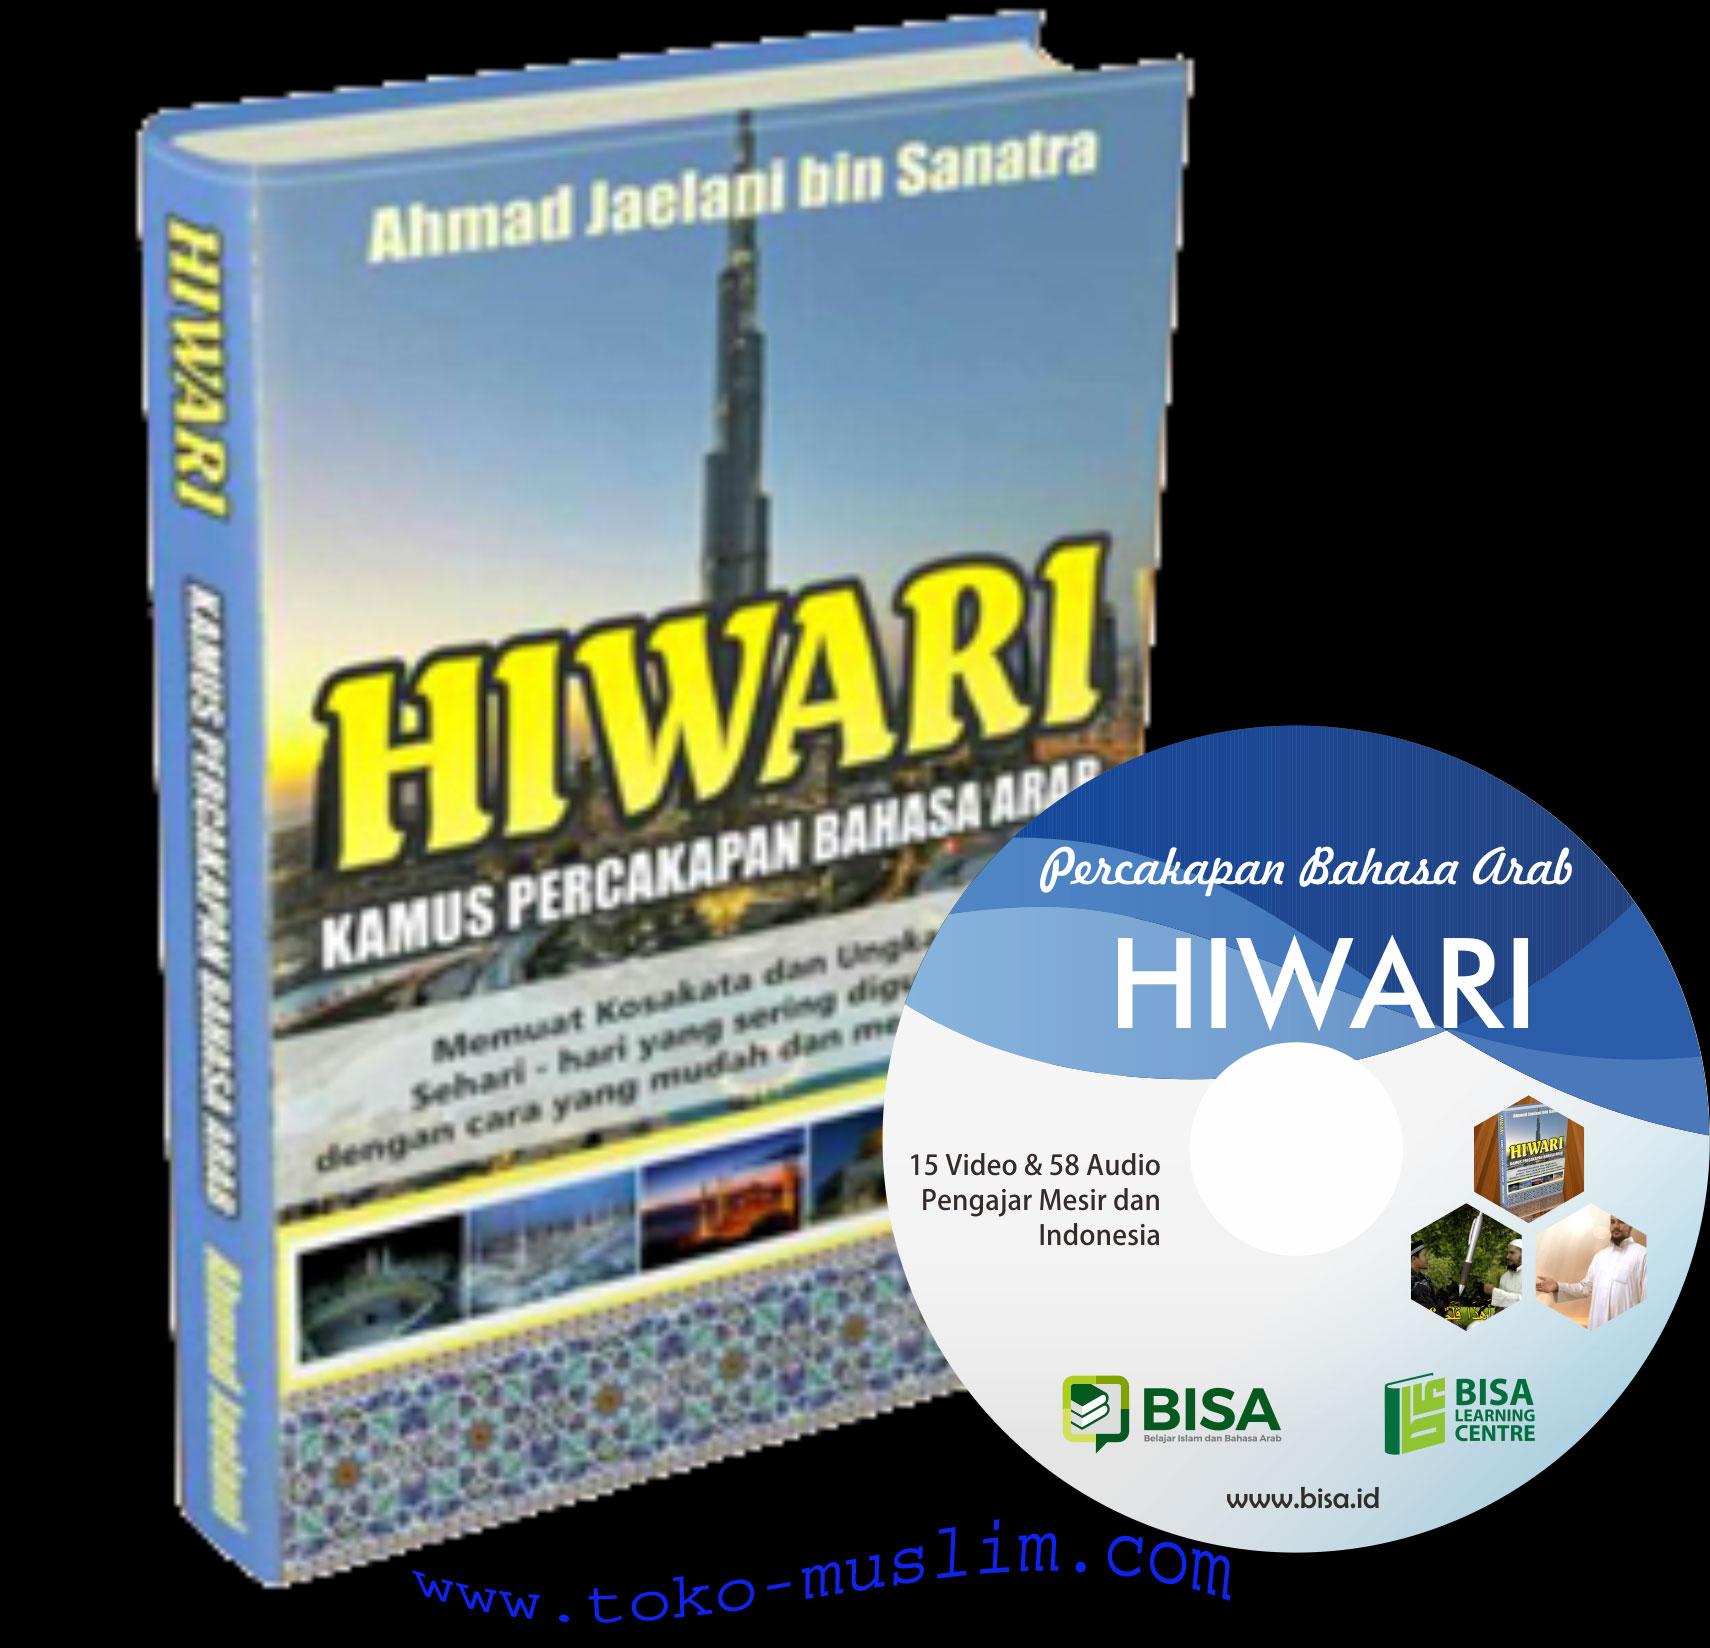 DVD-Percakapan-Bahasa-Arab-